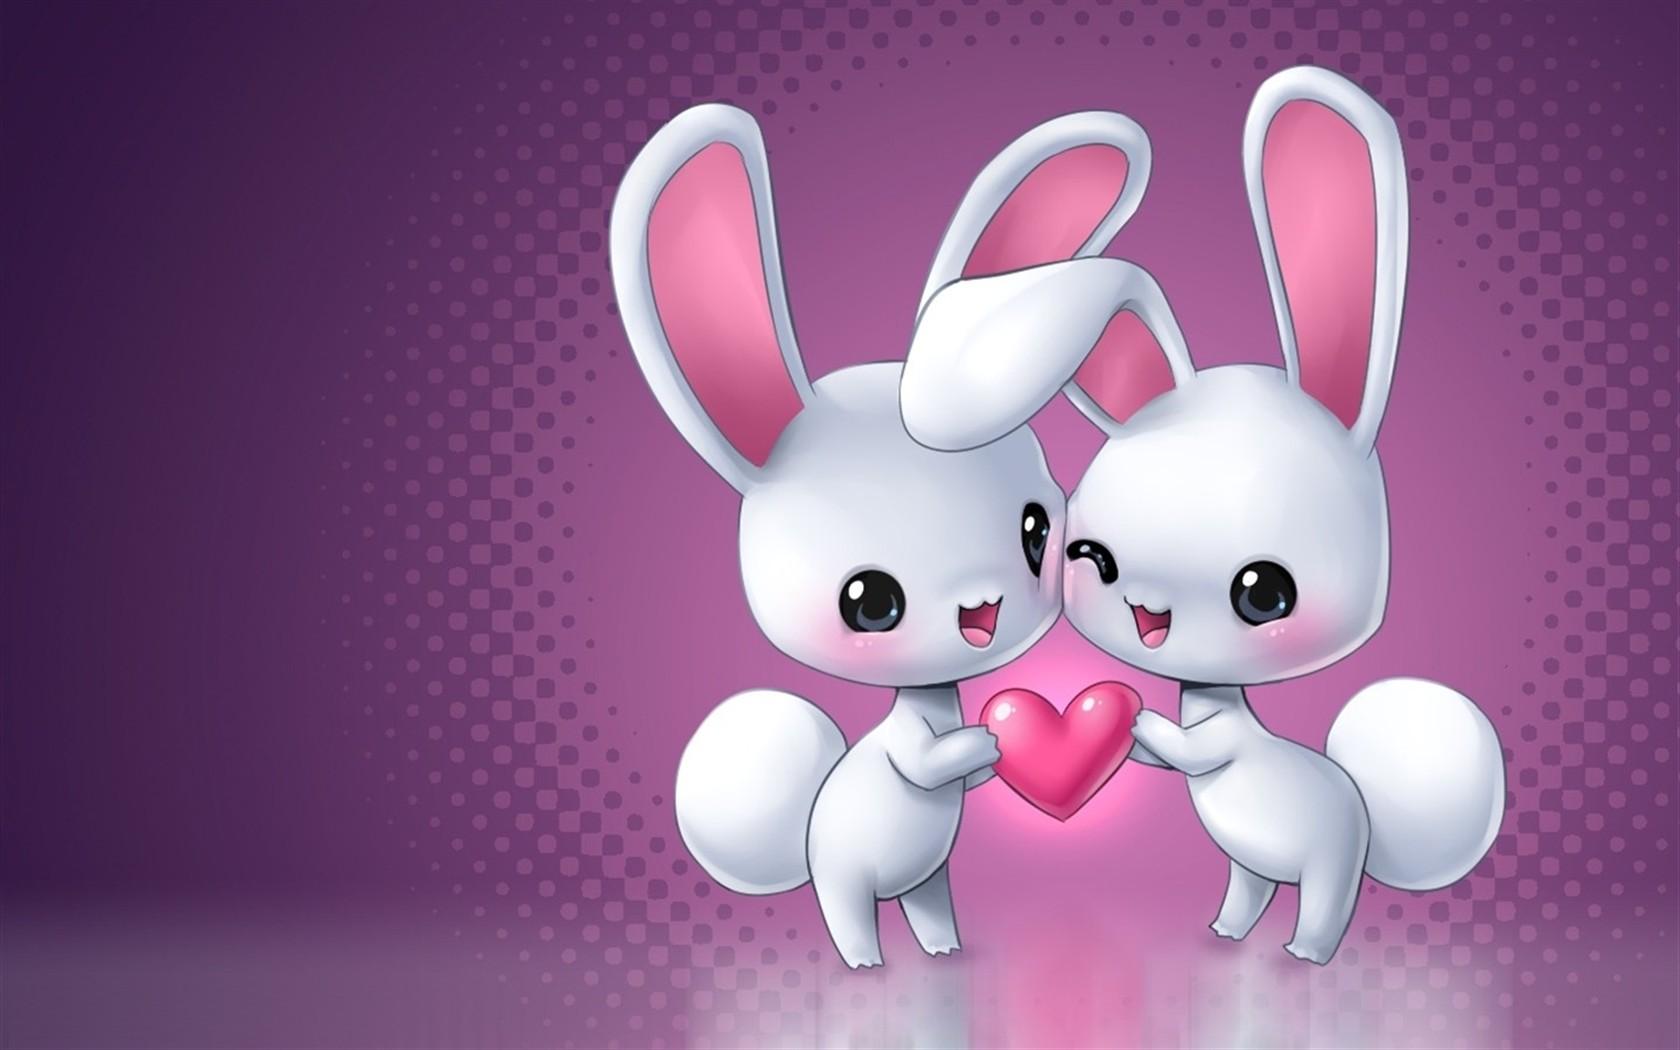 Hình ảnh con Thỏ hoạt hình đẹp và dễ thương